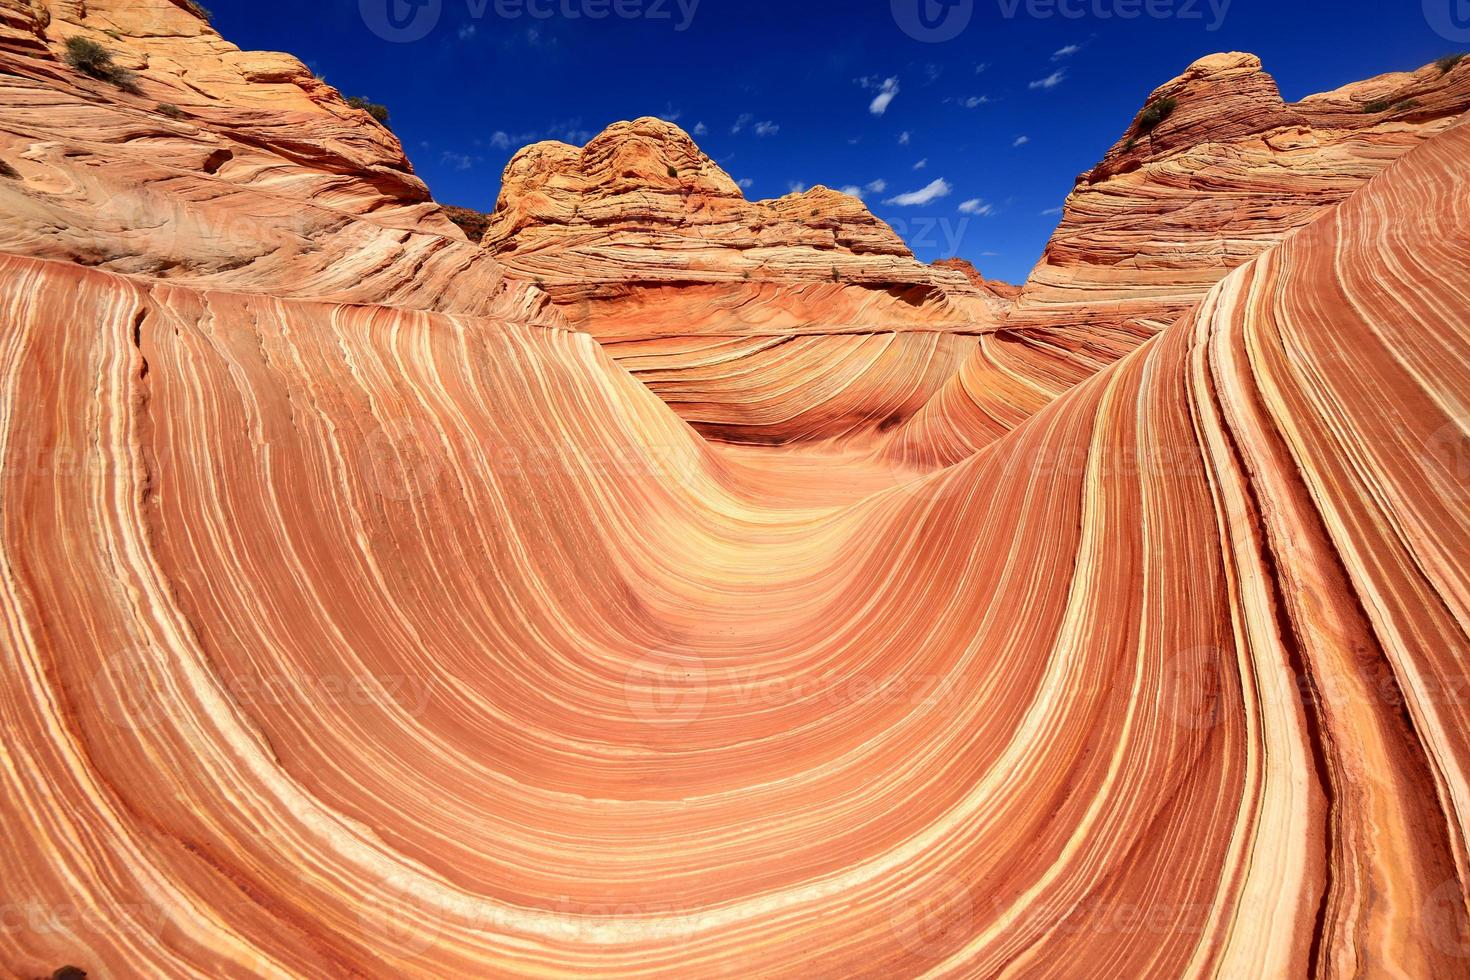 La formación de arena Wave Navajo en Arizona, EE. foto